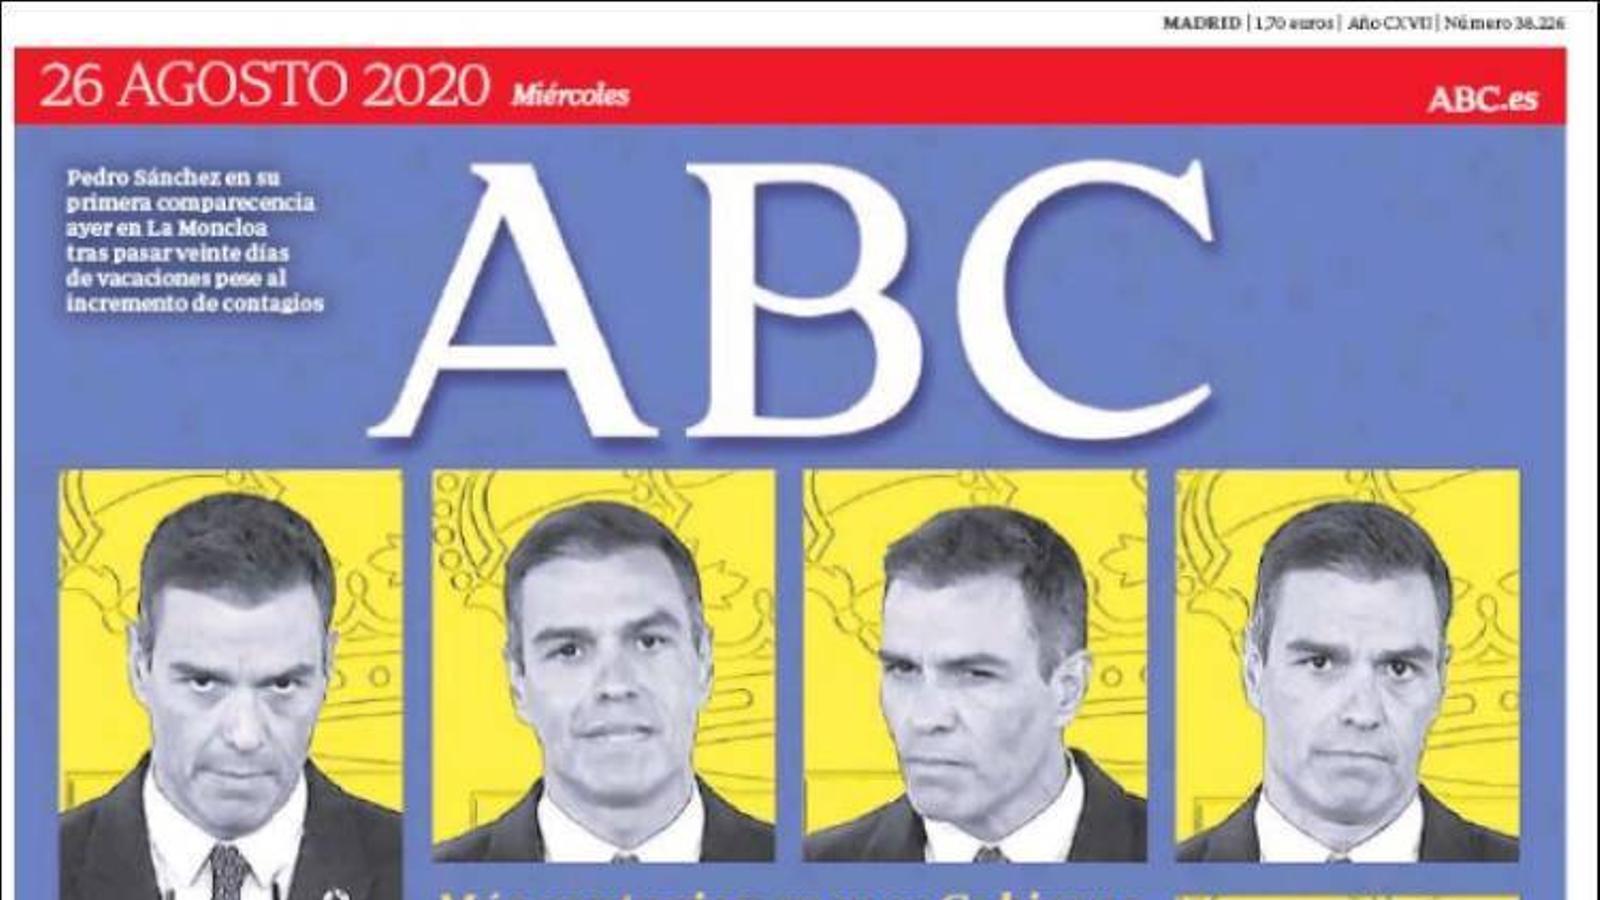 Portada de l'Abc, 26 d'agost del 2020